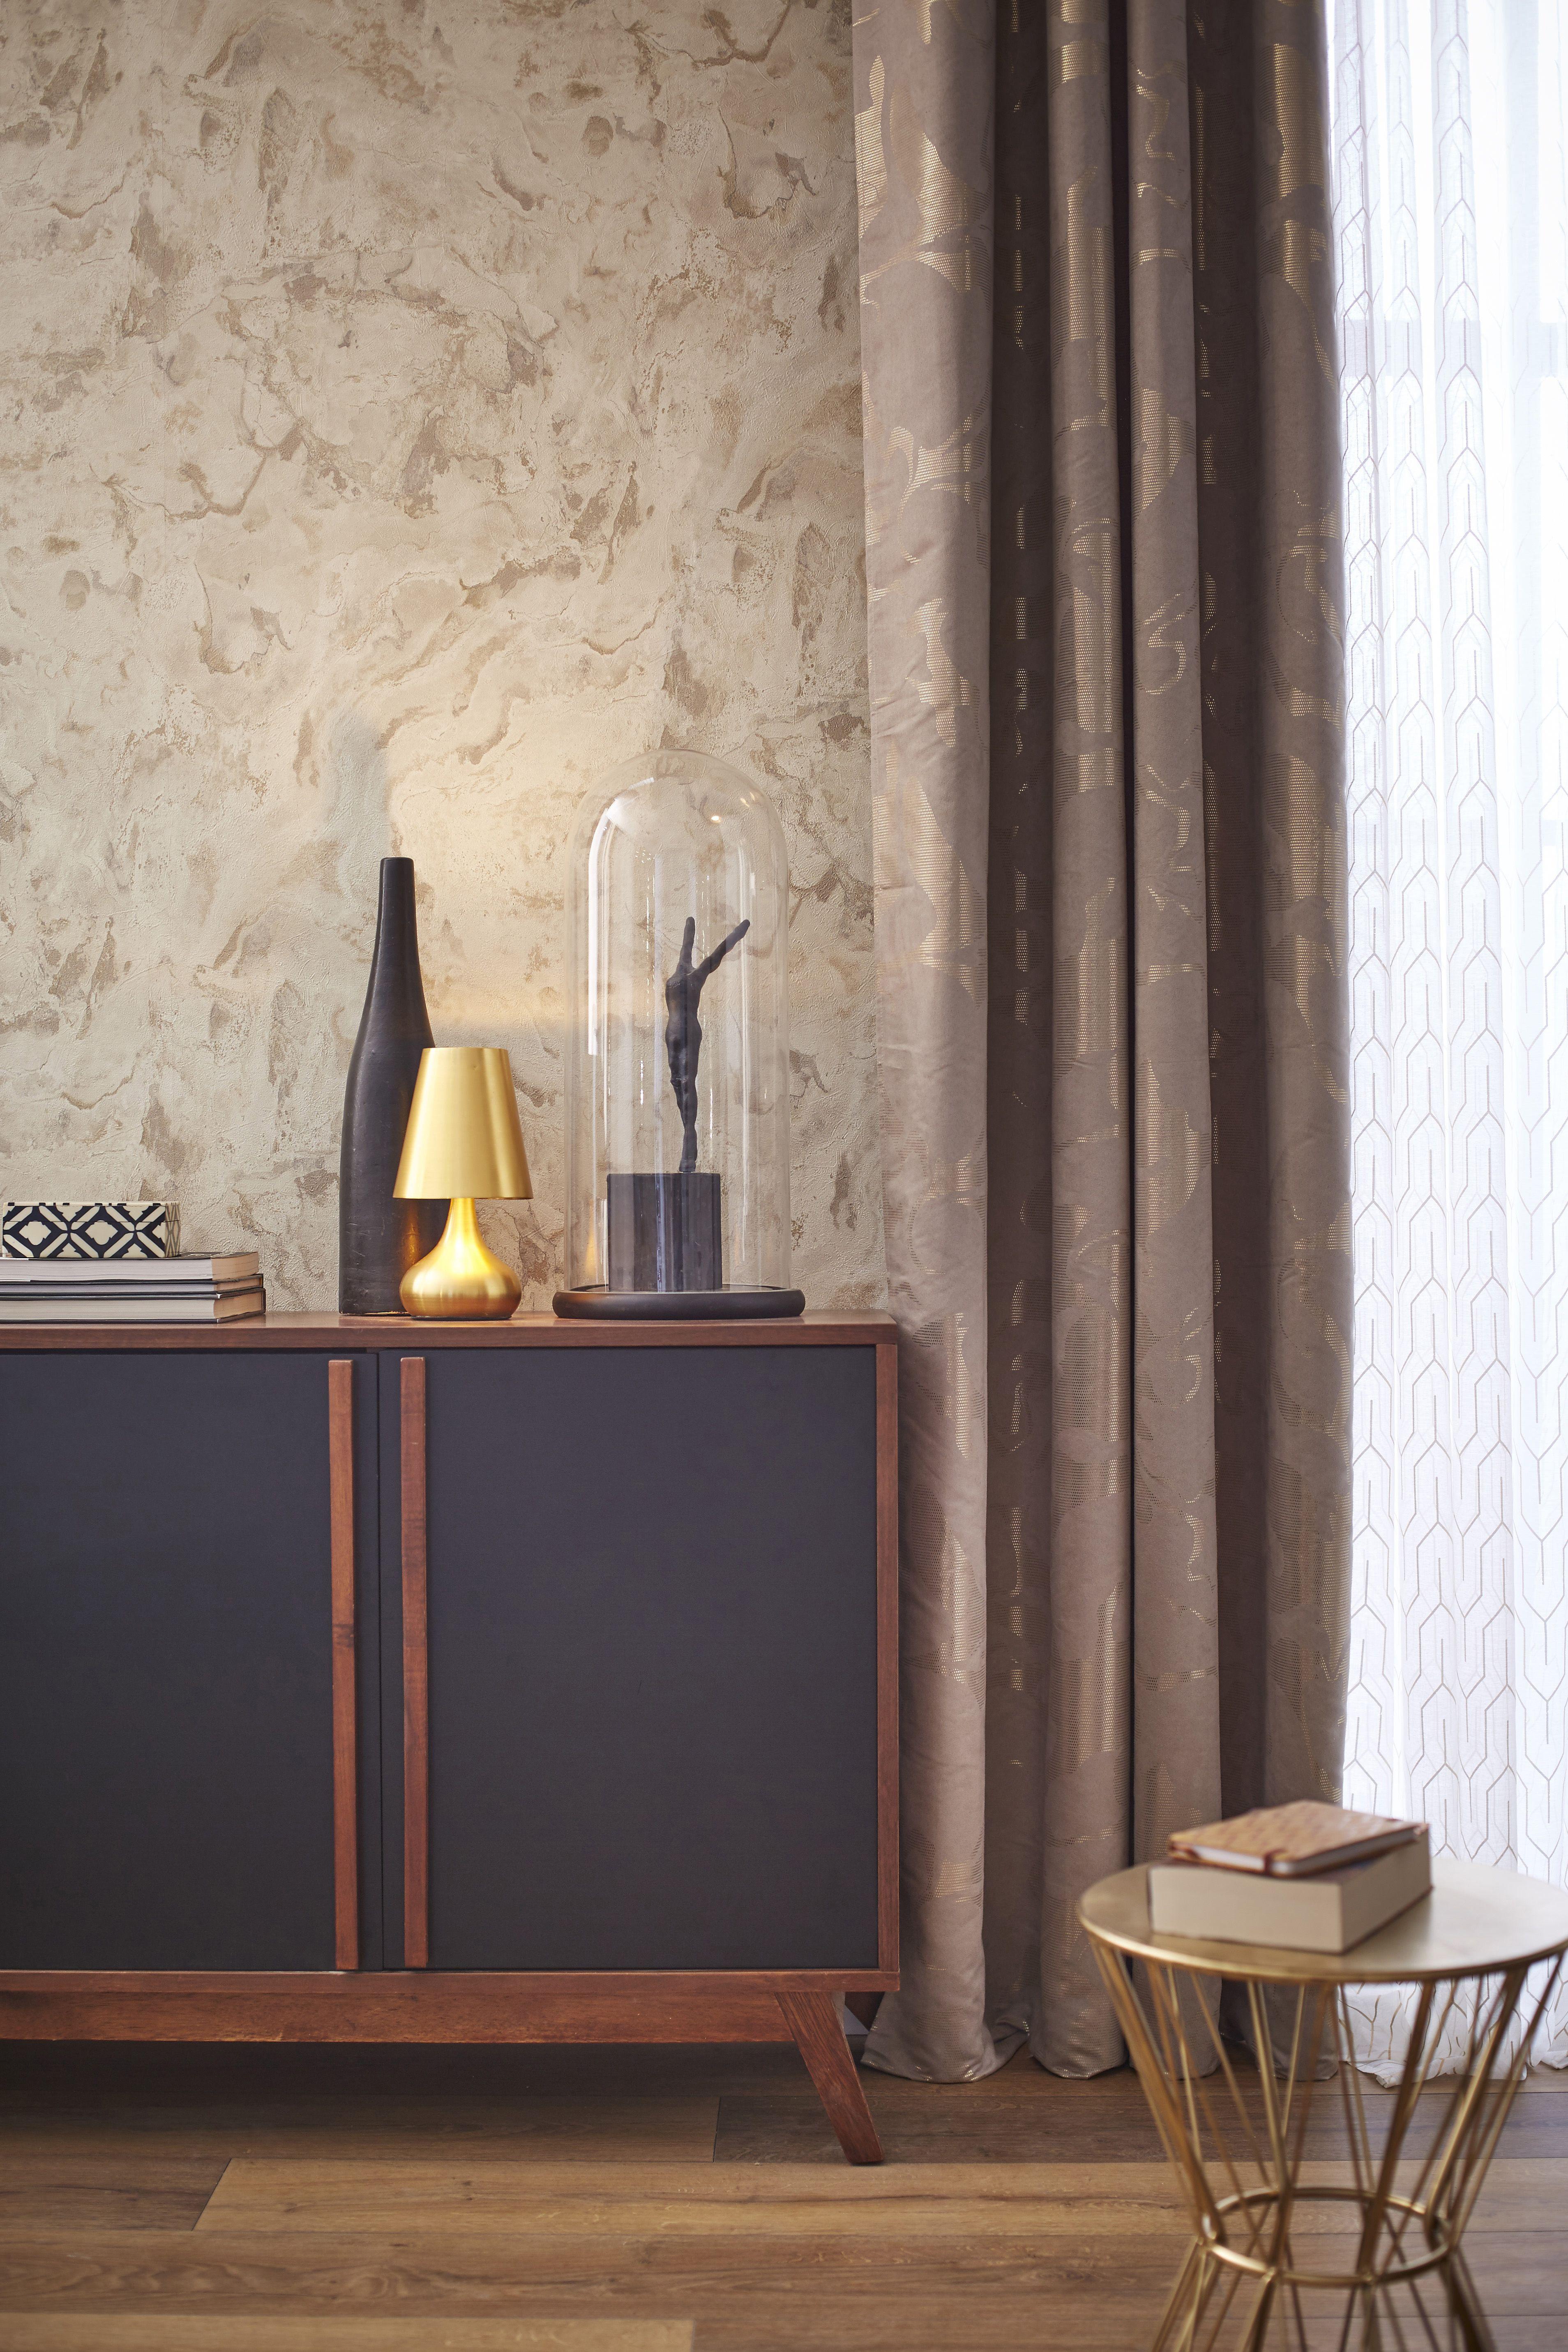 Papier peint intiss marbre beige pour un salon cosy leroymerlin tendance ideedeco salon with for Voilage deco